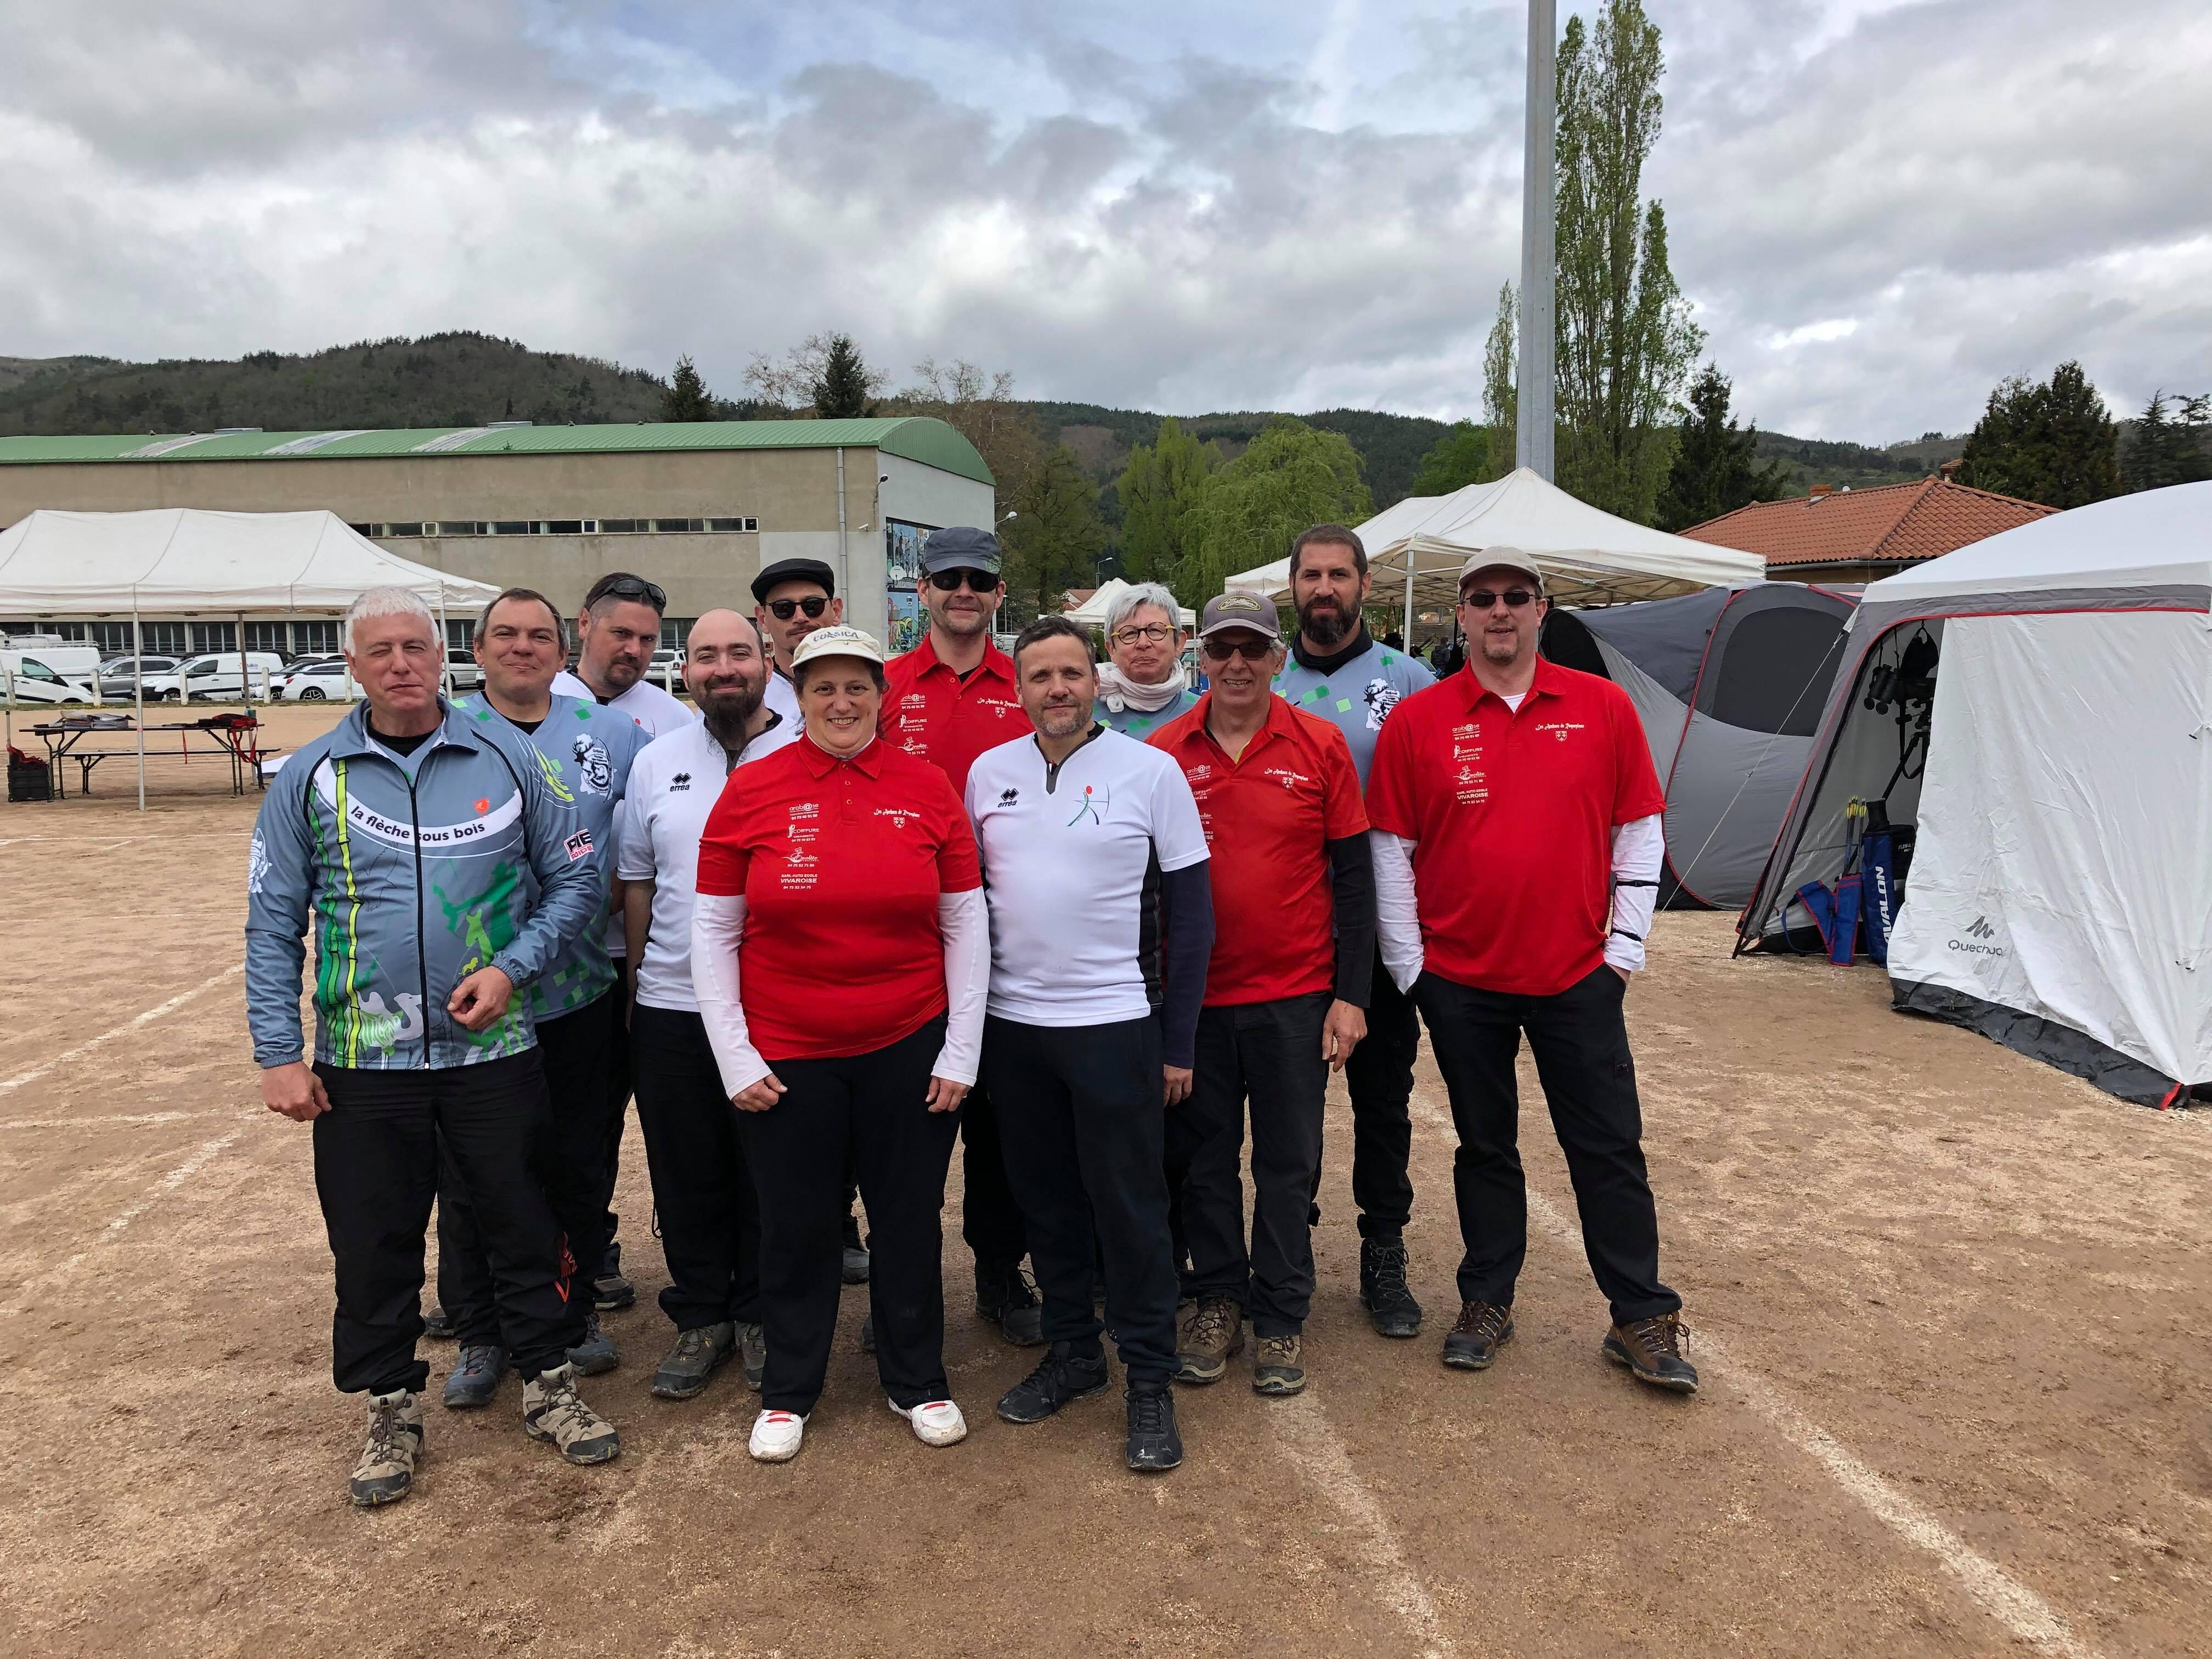 1e manche Challenge Aurec sur Loire 27-04-2019 (16)